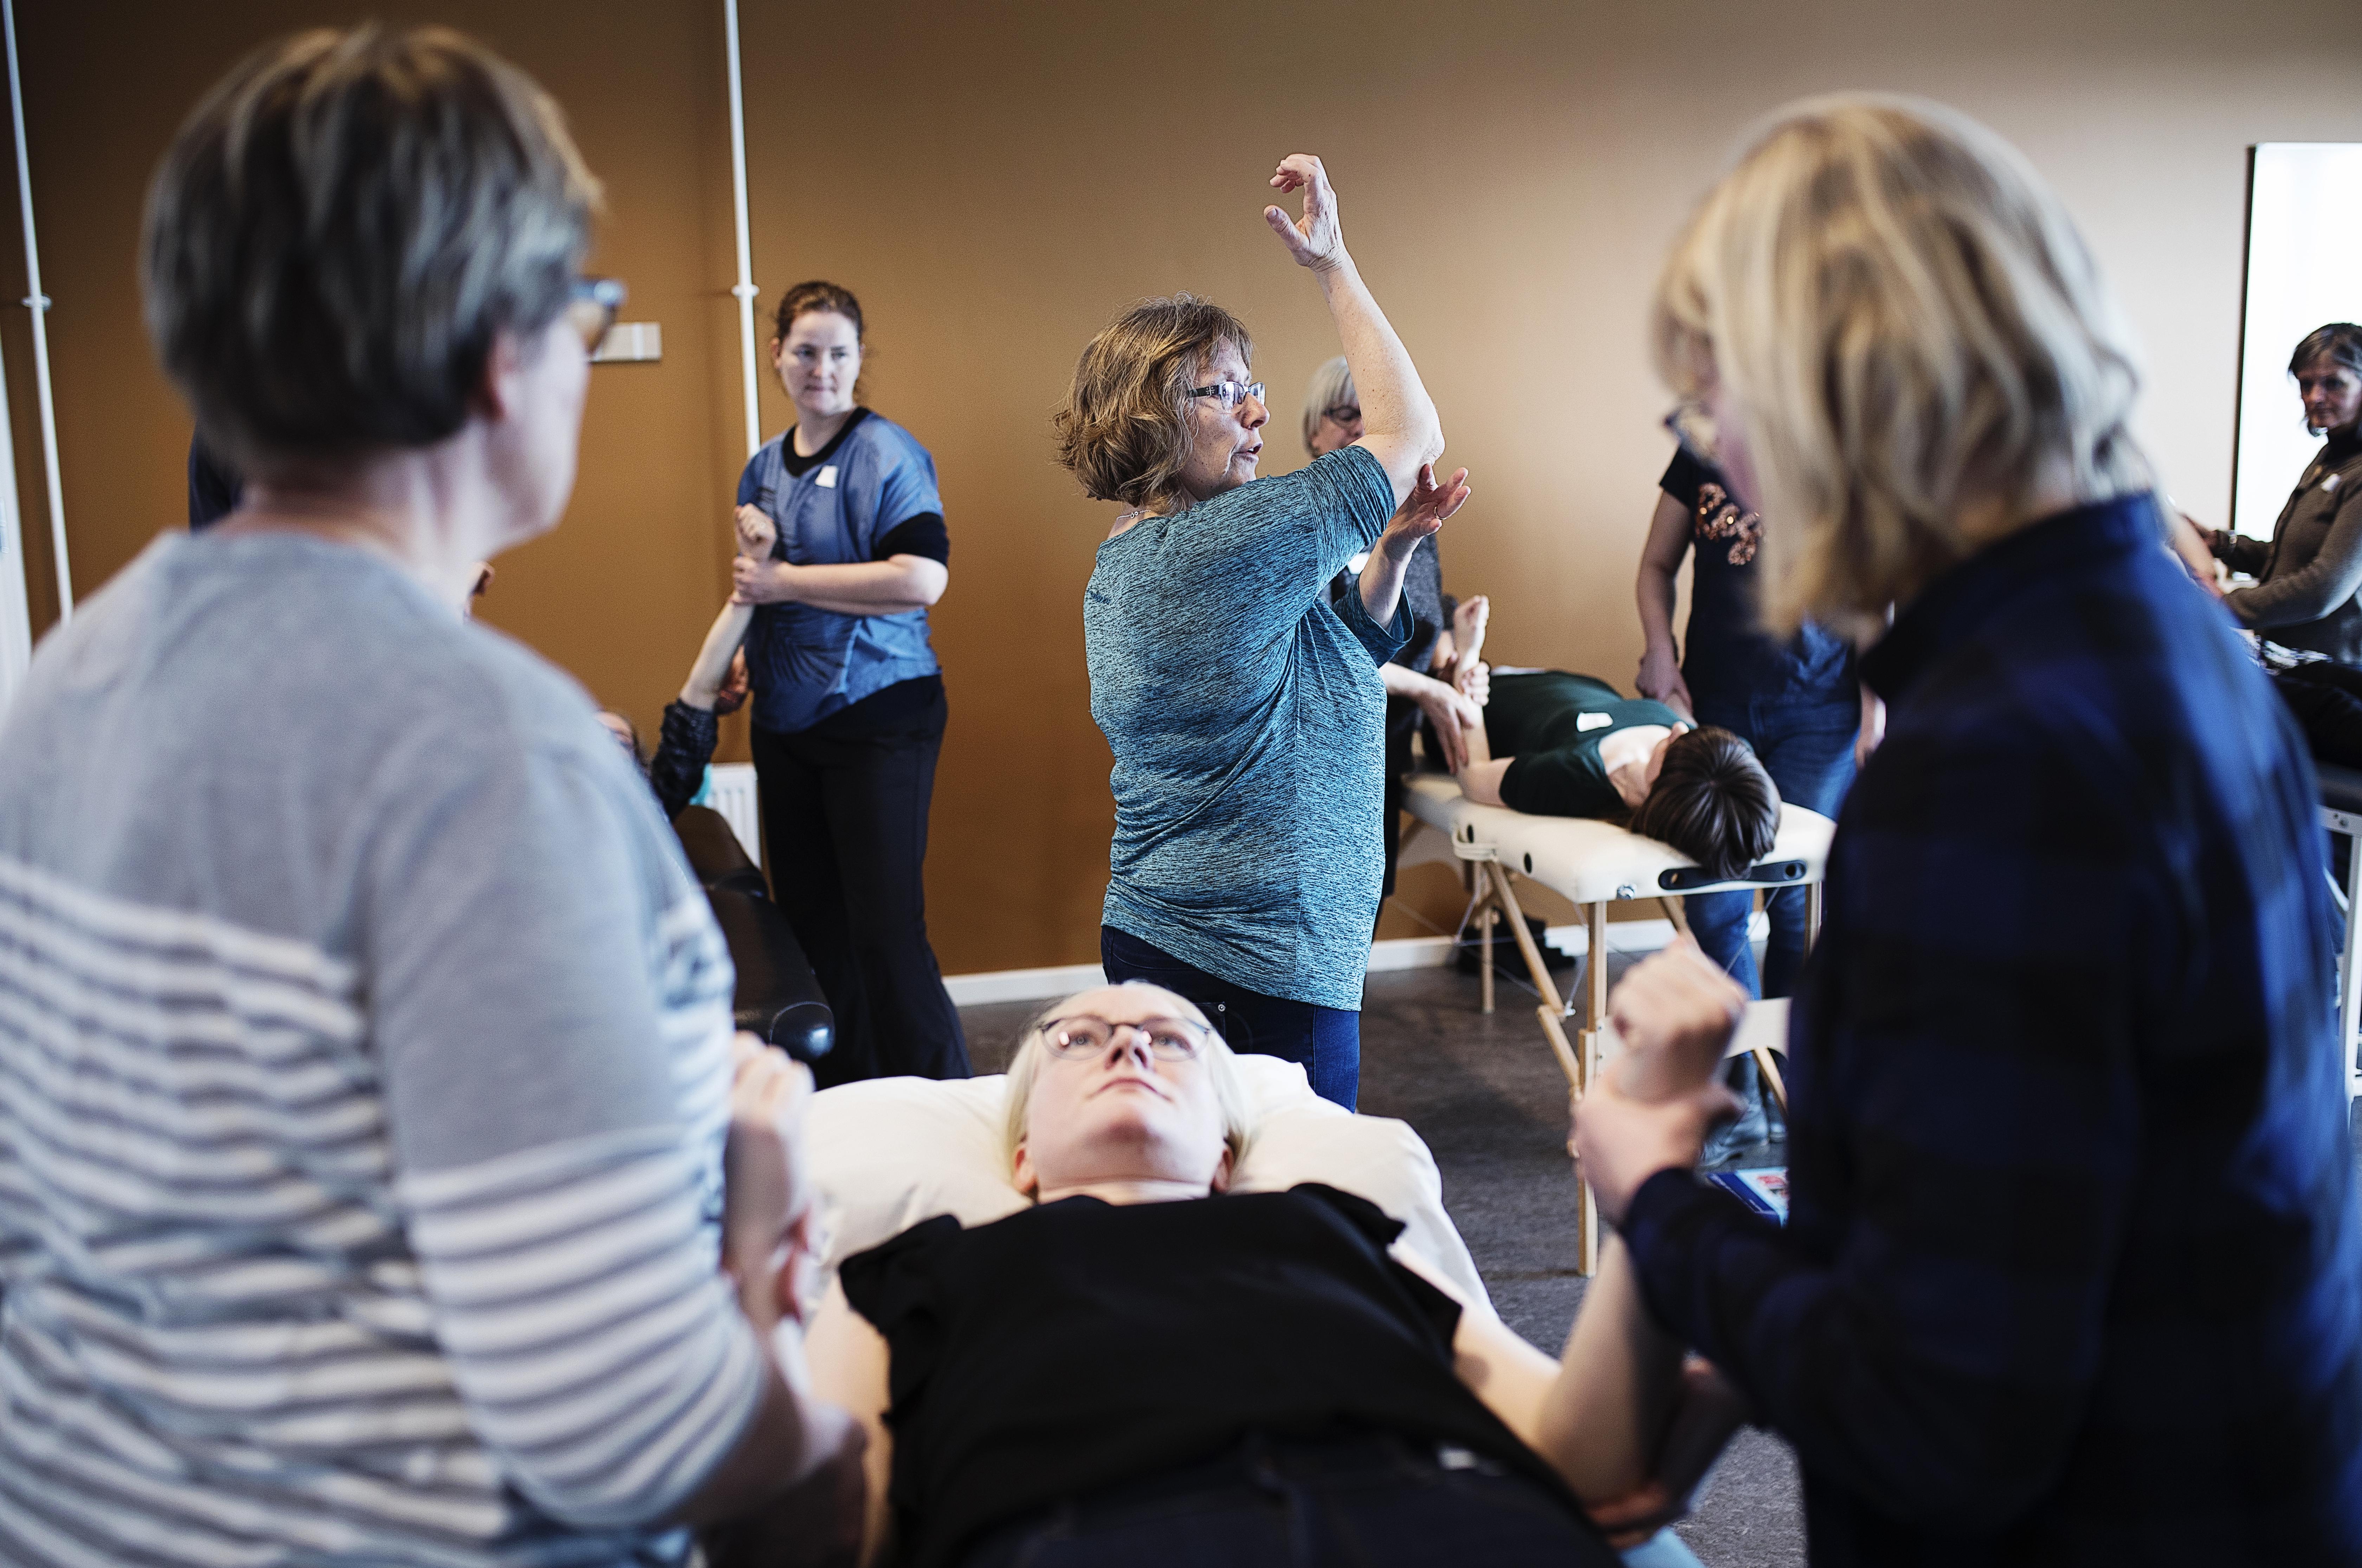 Fysioterapeut Elizabeth Lykholt Andreasen viser, hvor kursisterne kan mærke epicondylerne i albuen. Flere fortæller, at det er rart, at der er så god tid til de forskellige øvelser.